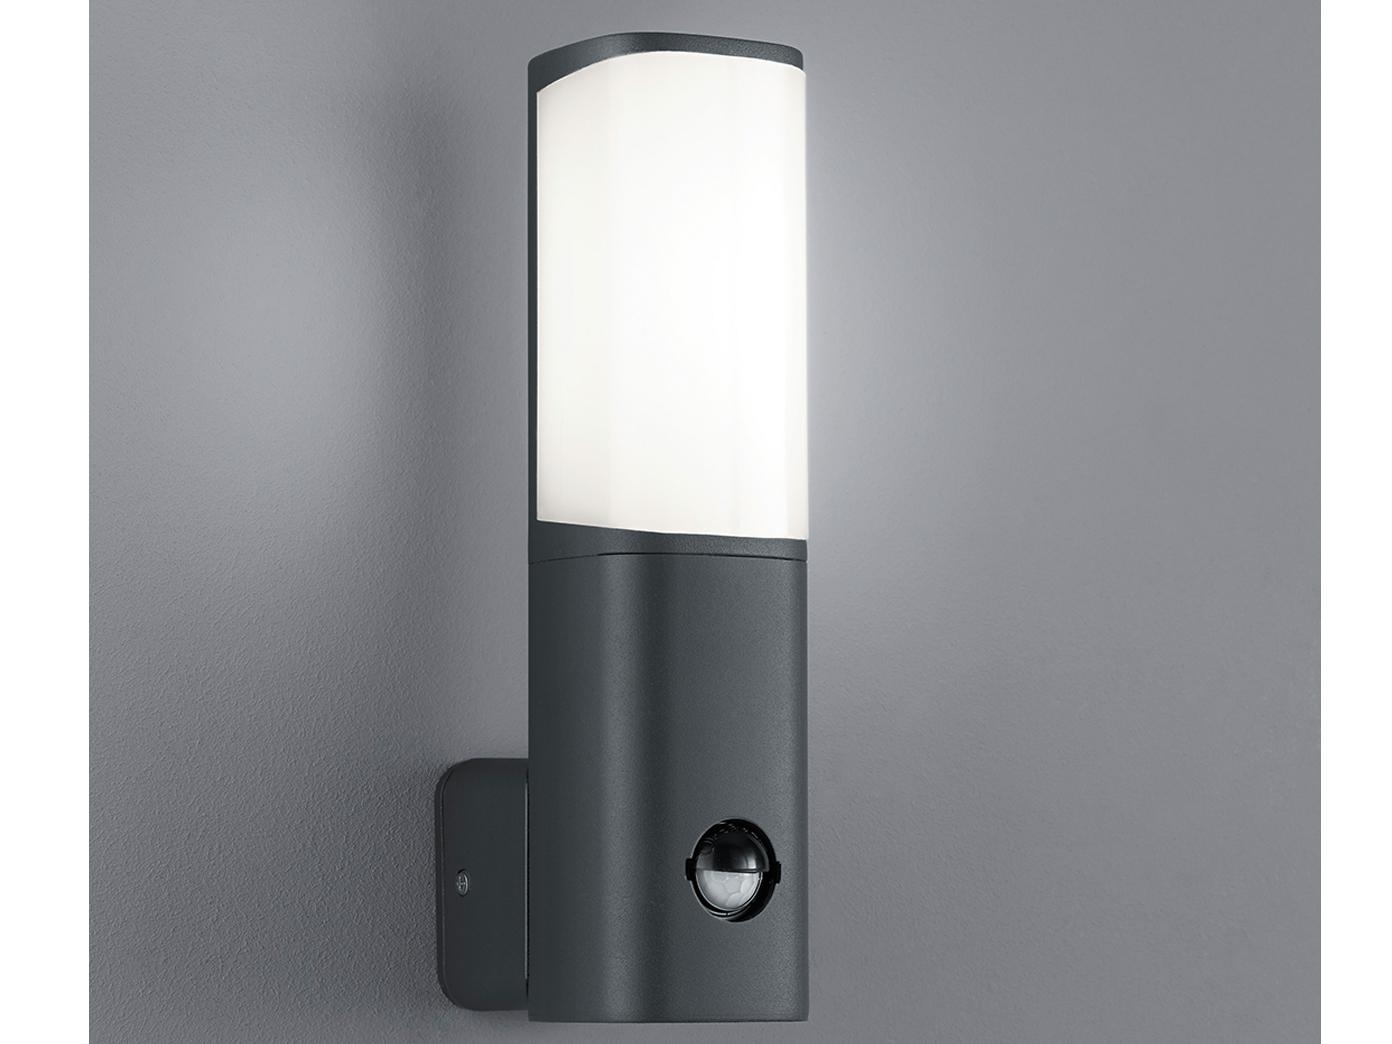 Relativ LED Außenleuchte mit Bewegungsmelder, LED Leuchte Outdoor QE81